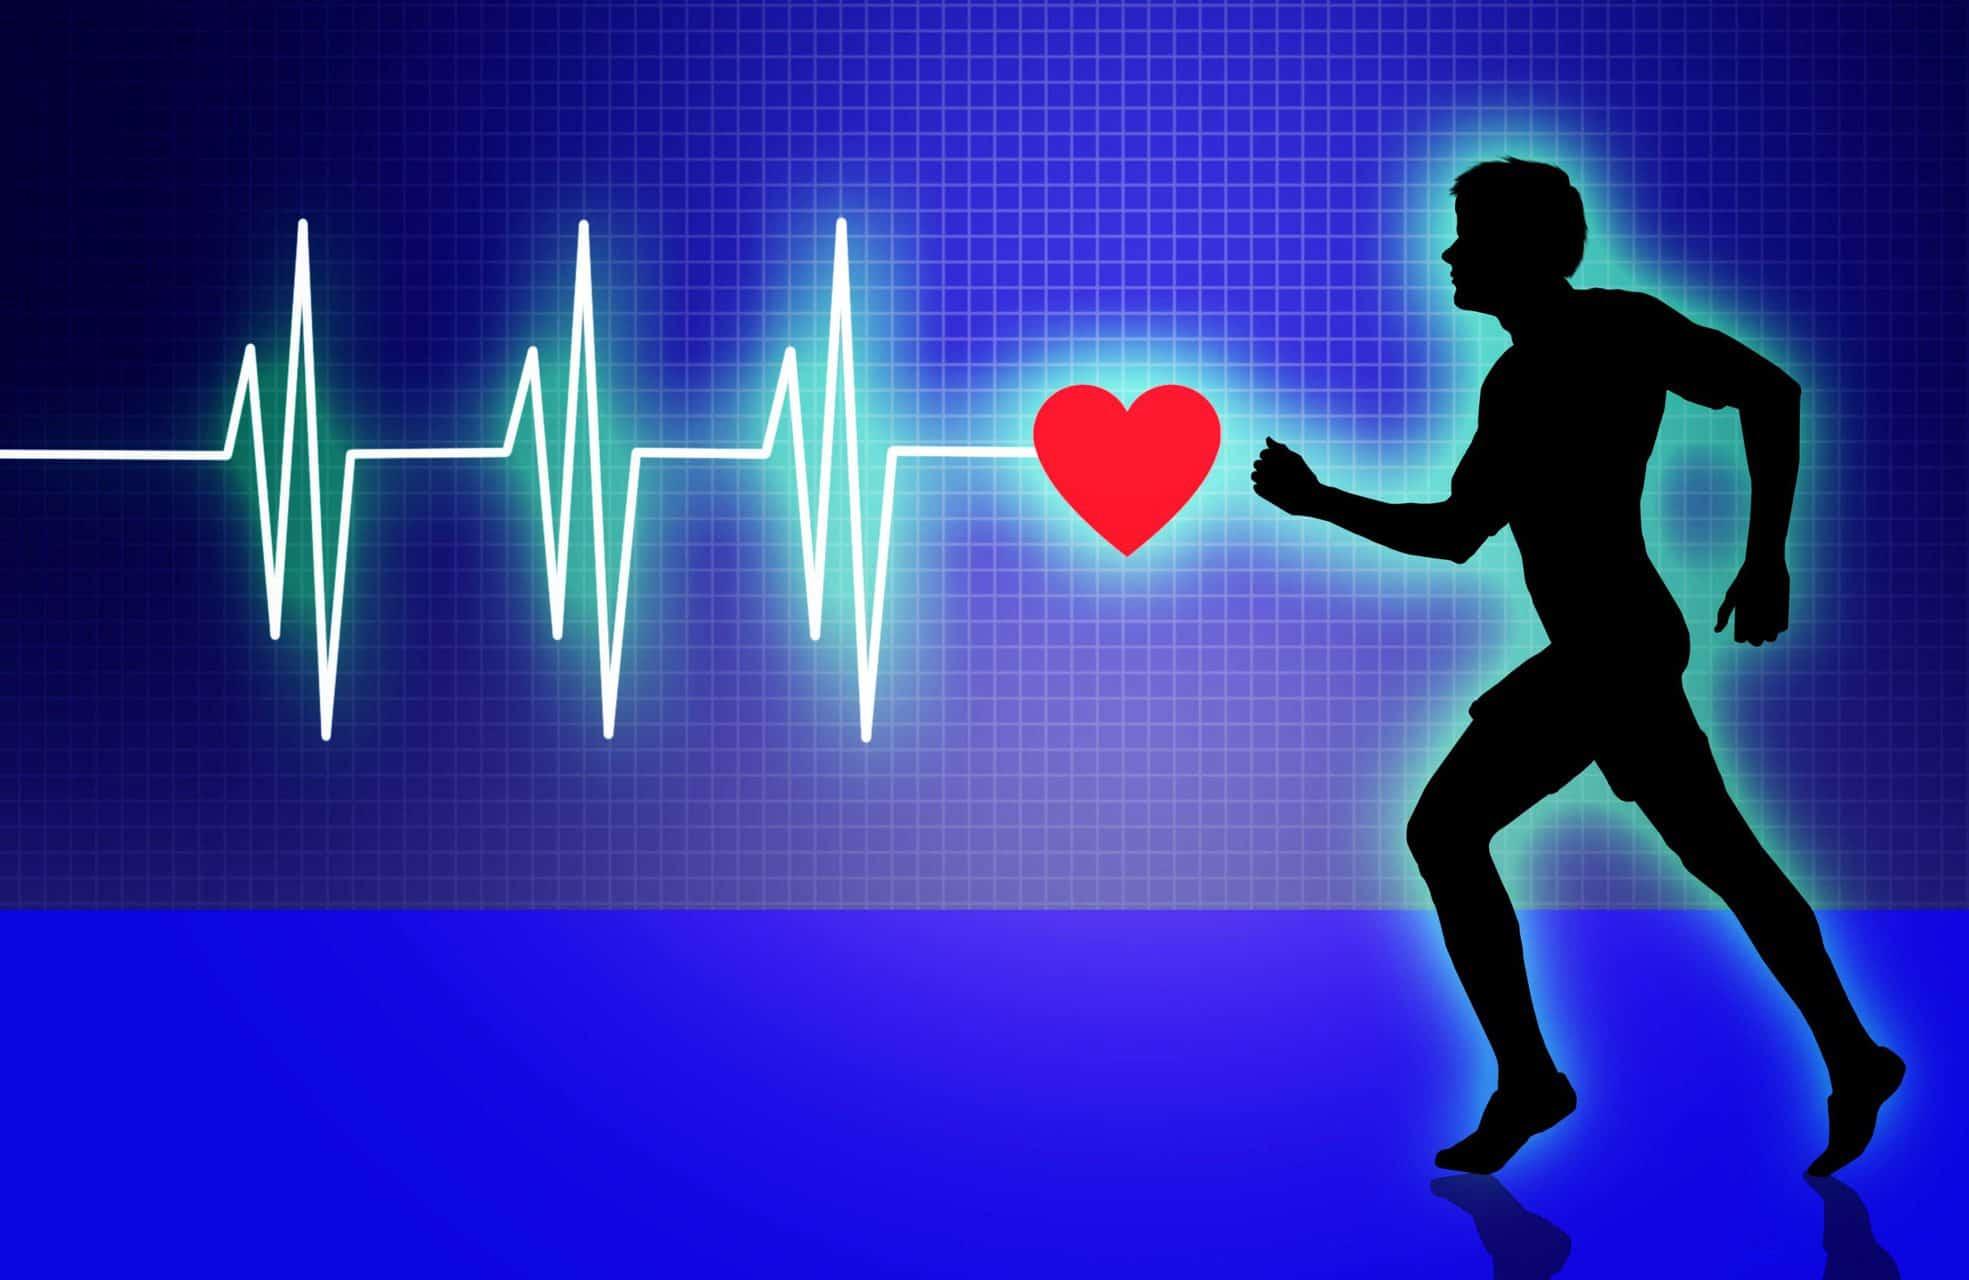 Treningi cardio – HIIT czy Tabata? Charakterystyka i porównanie